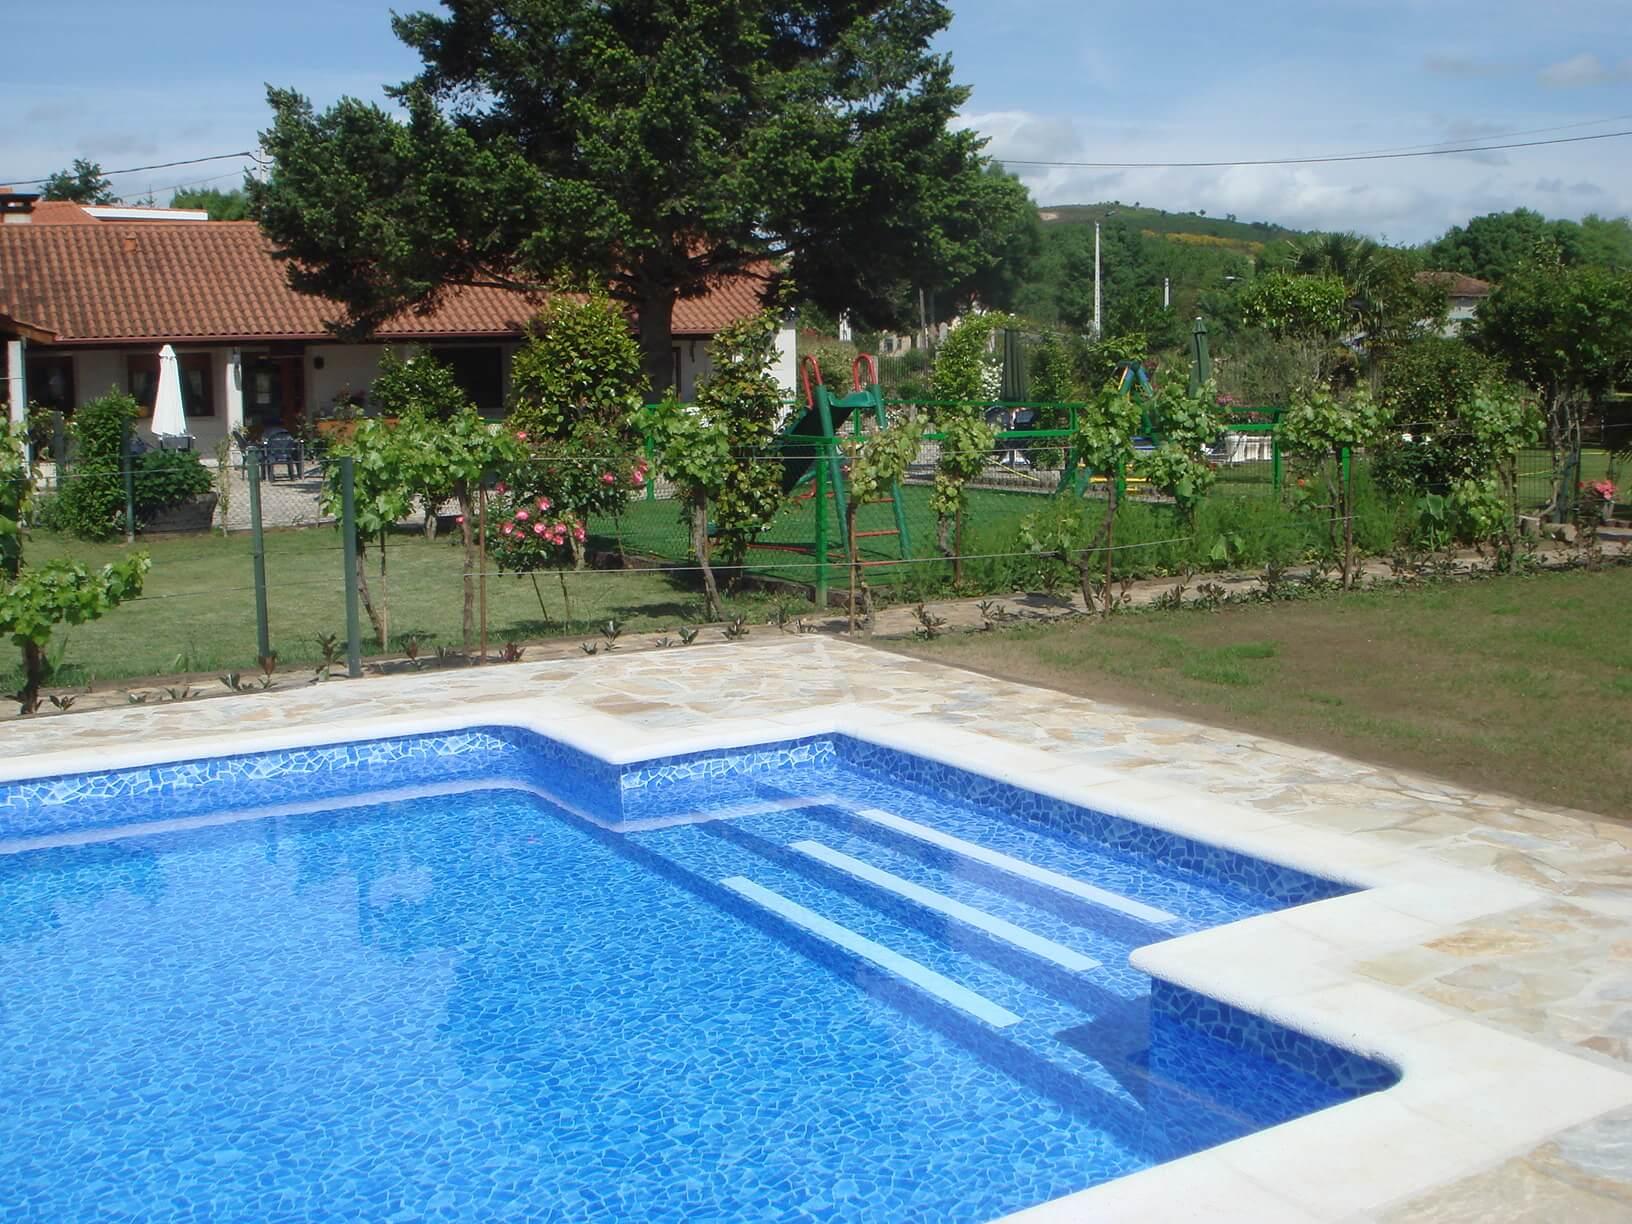 Instalaci n de piscinas en barcelona piscinas area for Instalacion de piscinas